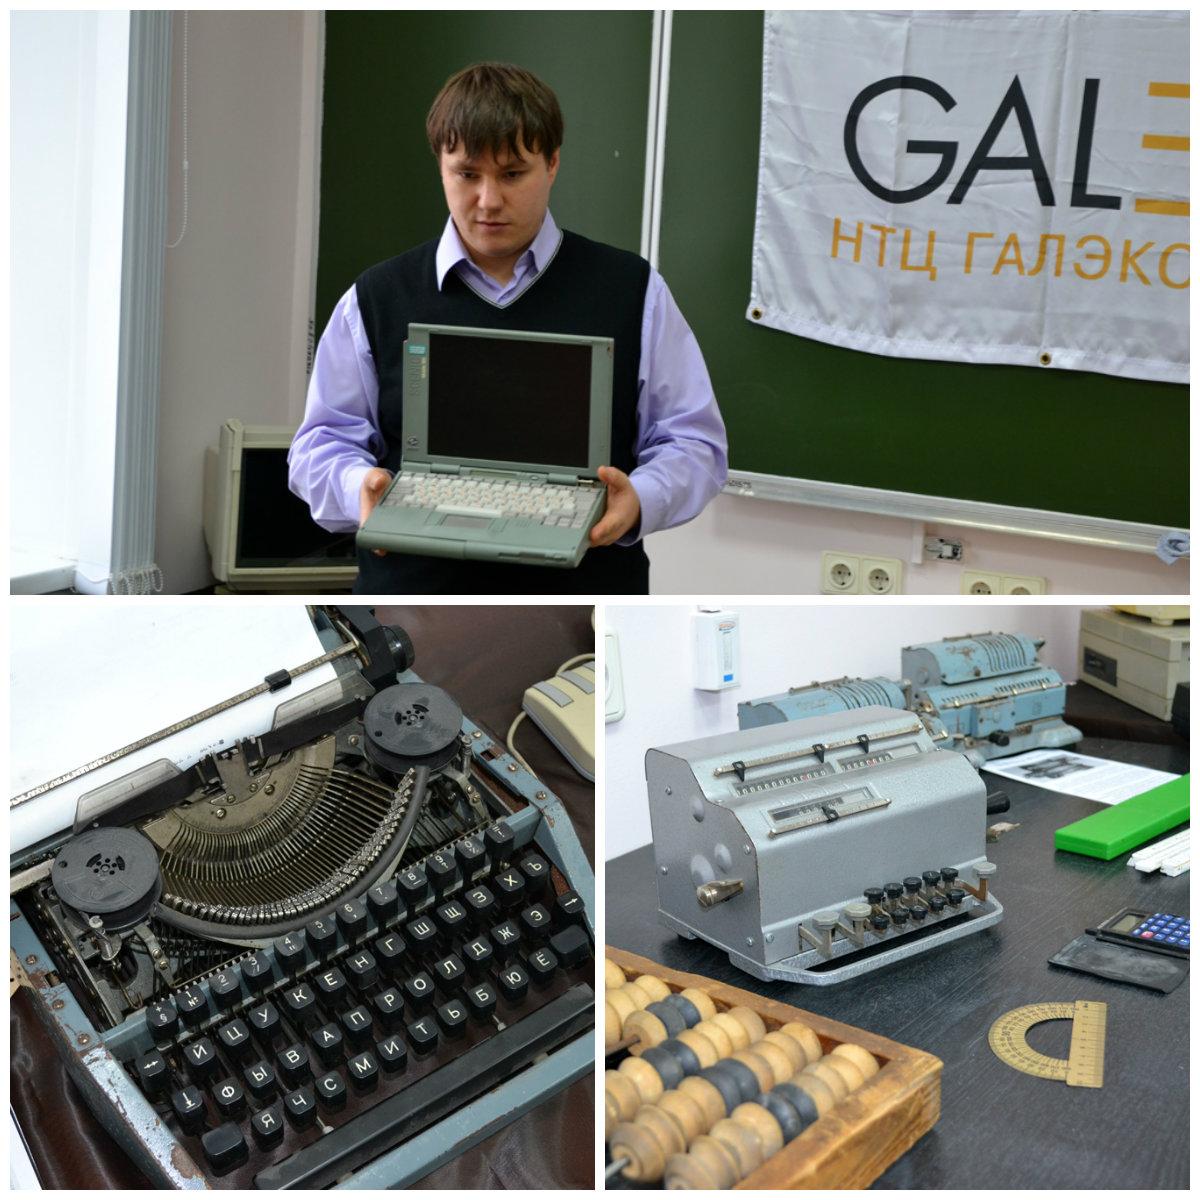 НТЦ «Галэкс» предоставил экспонаты для выставки «Инфораритет» в АлтГУ